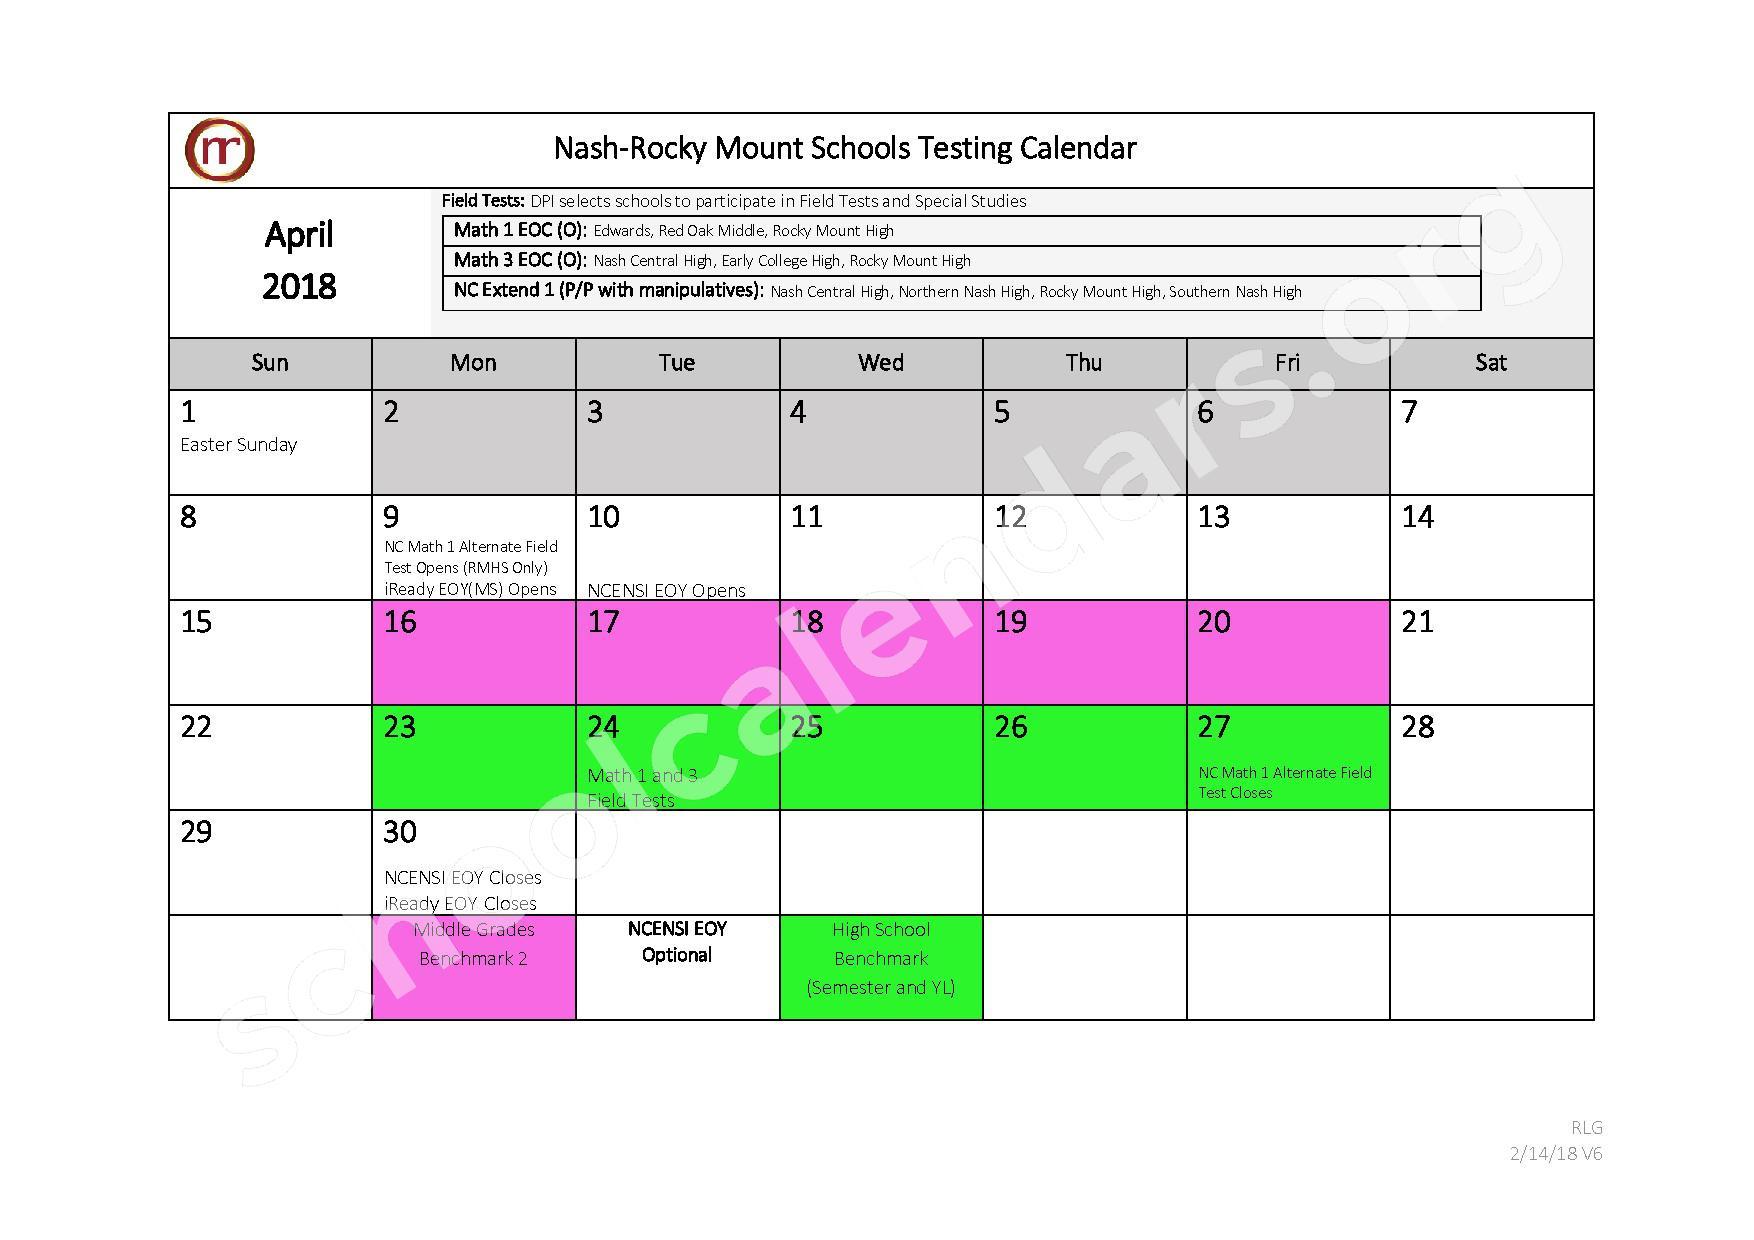 2017 - 2018 Testing Calendar – Nash-Rocky Mount Public Schools – page 9